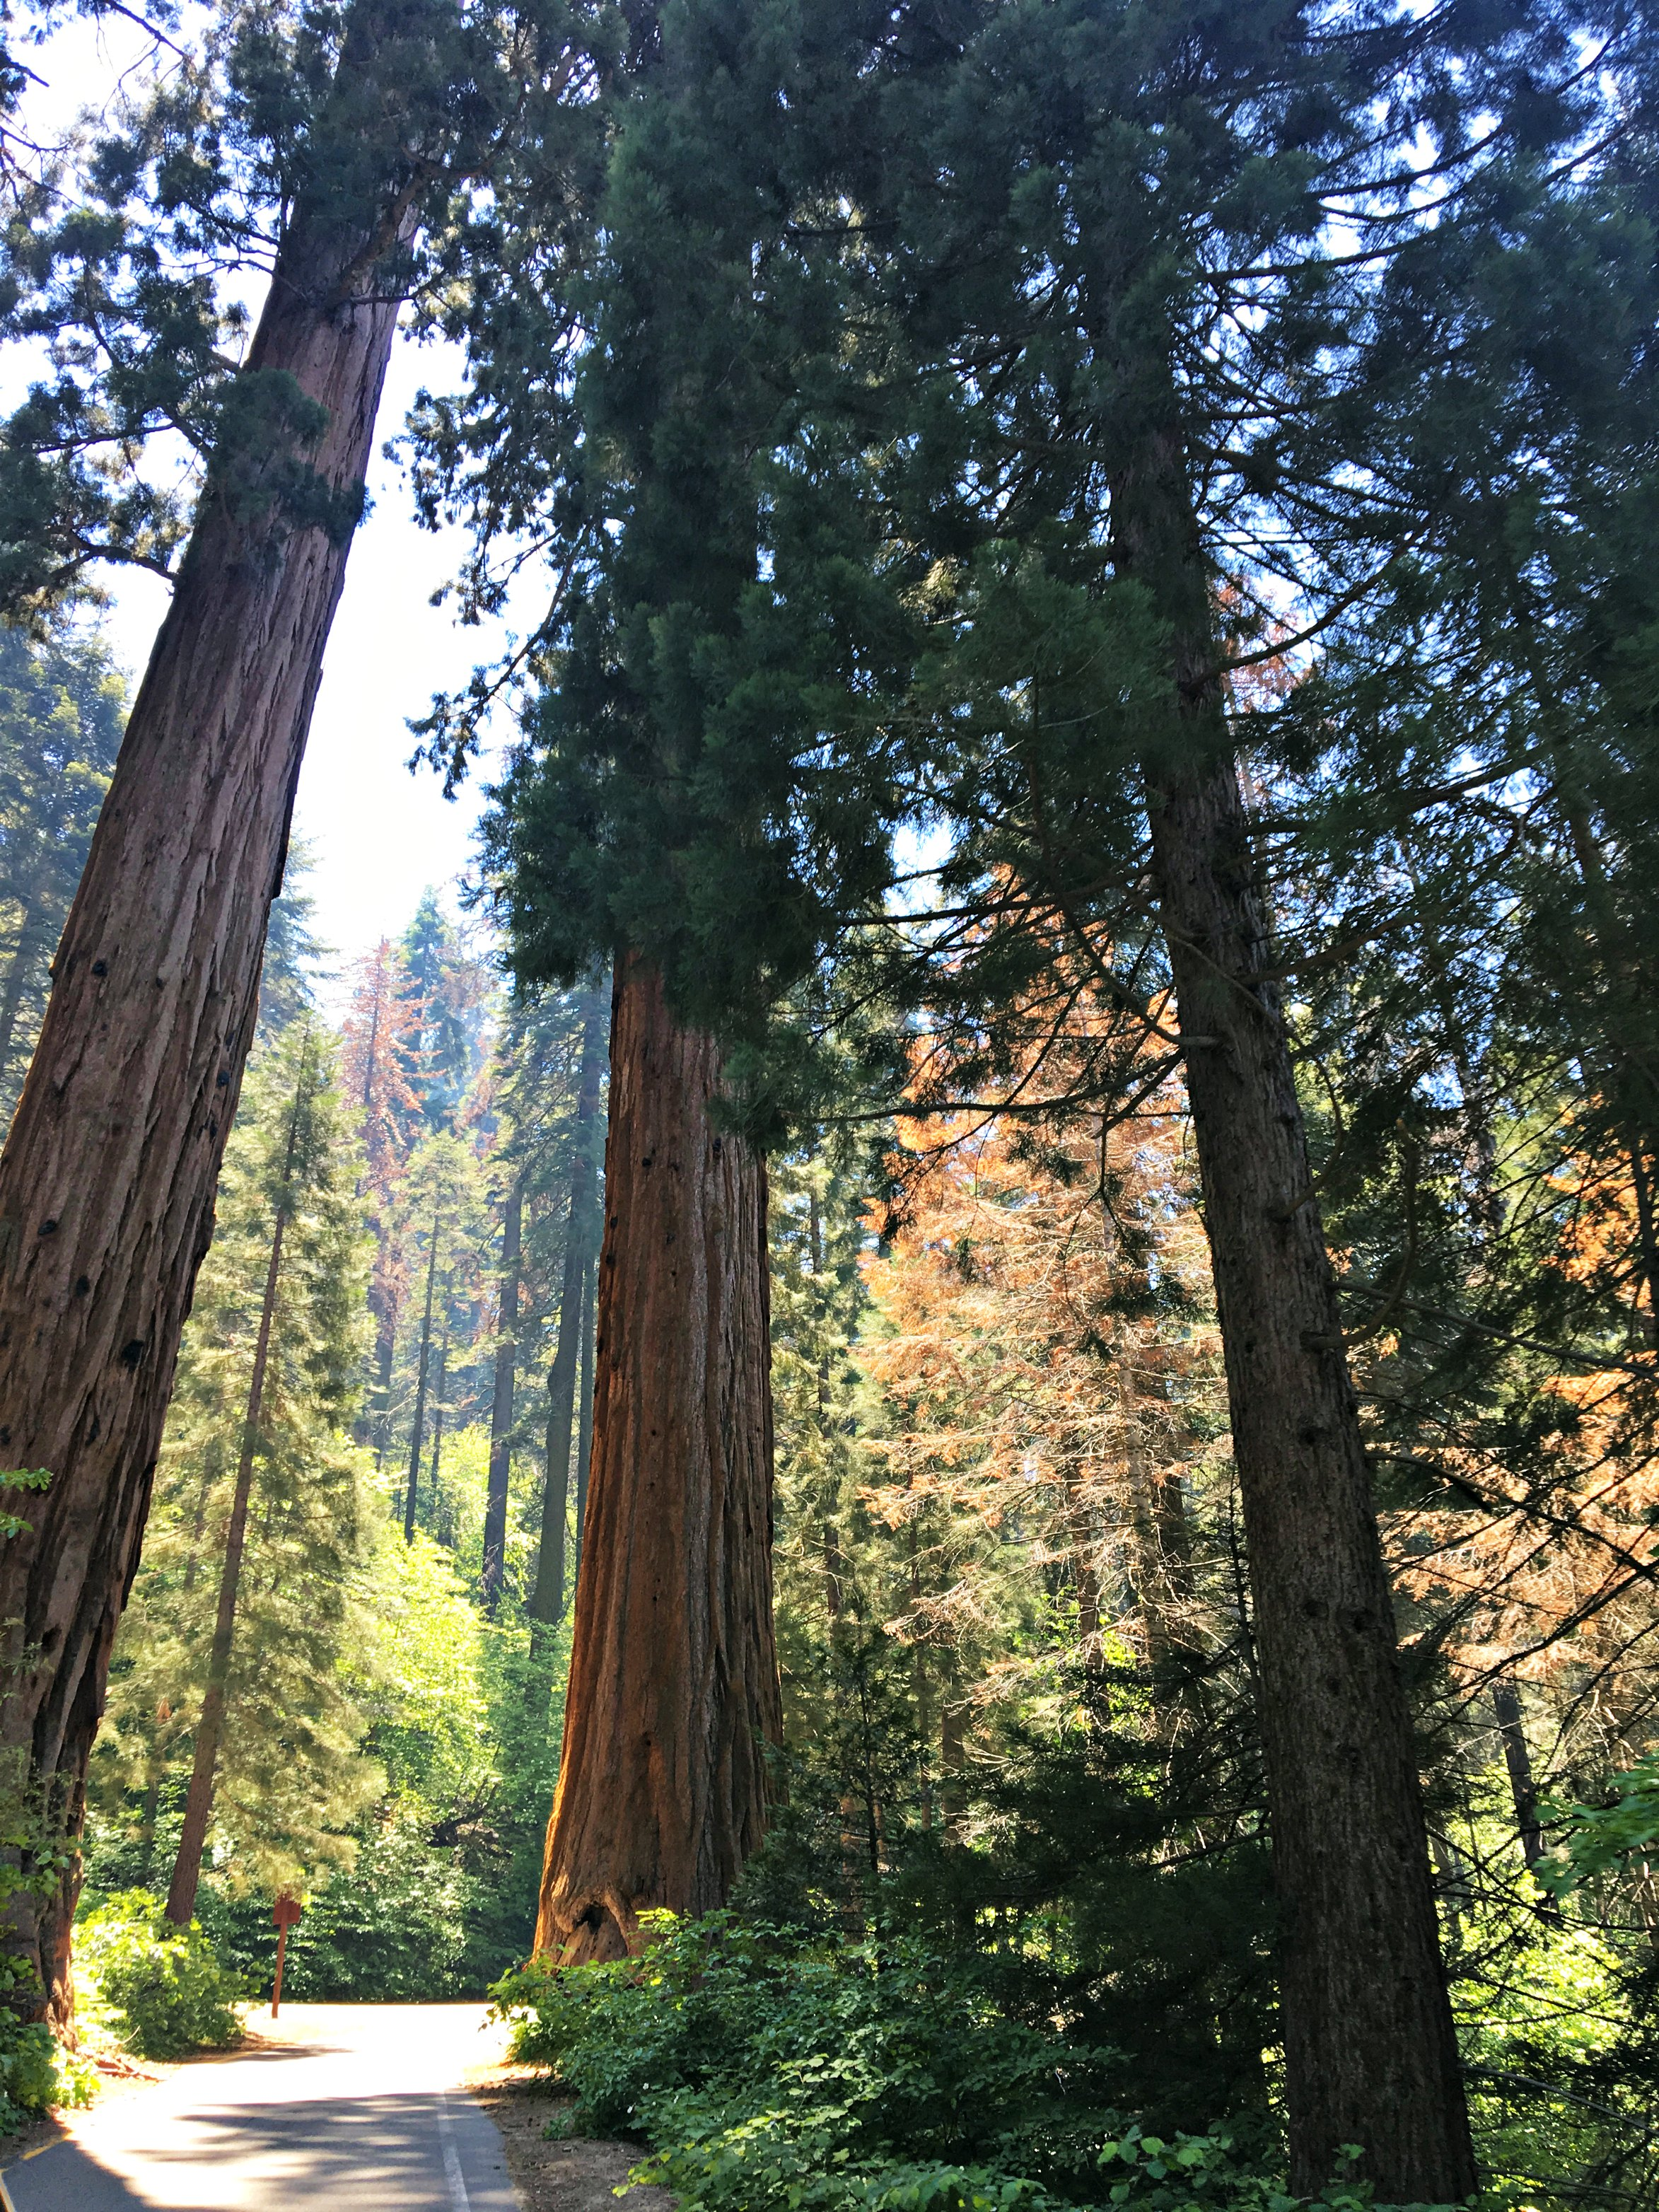 walking-among-giants-Sequoia-National-Park